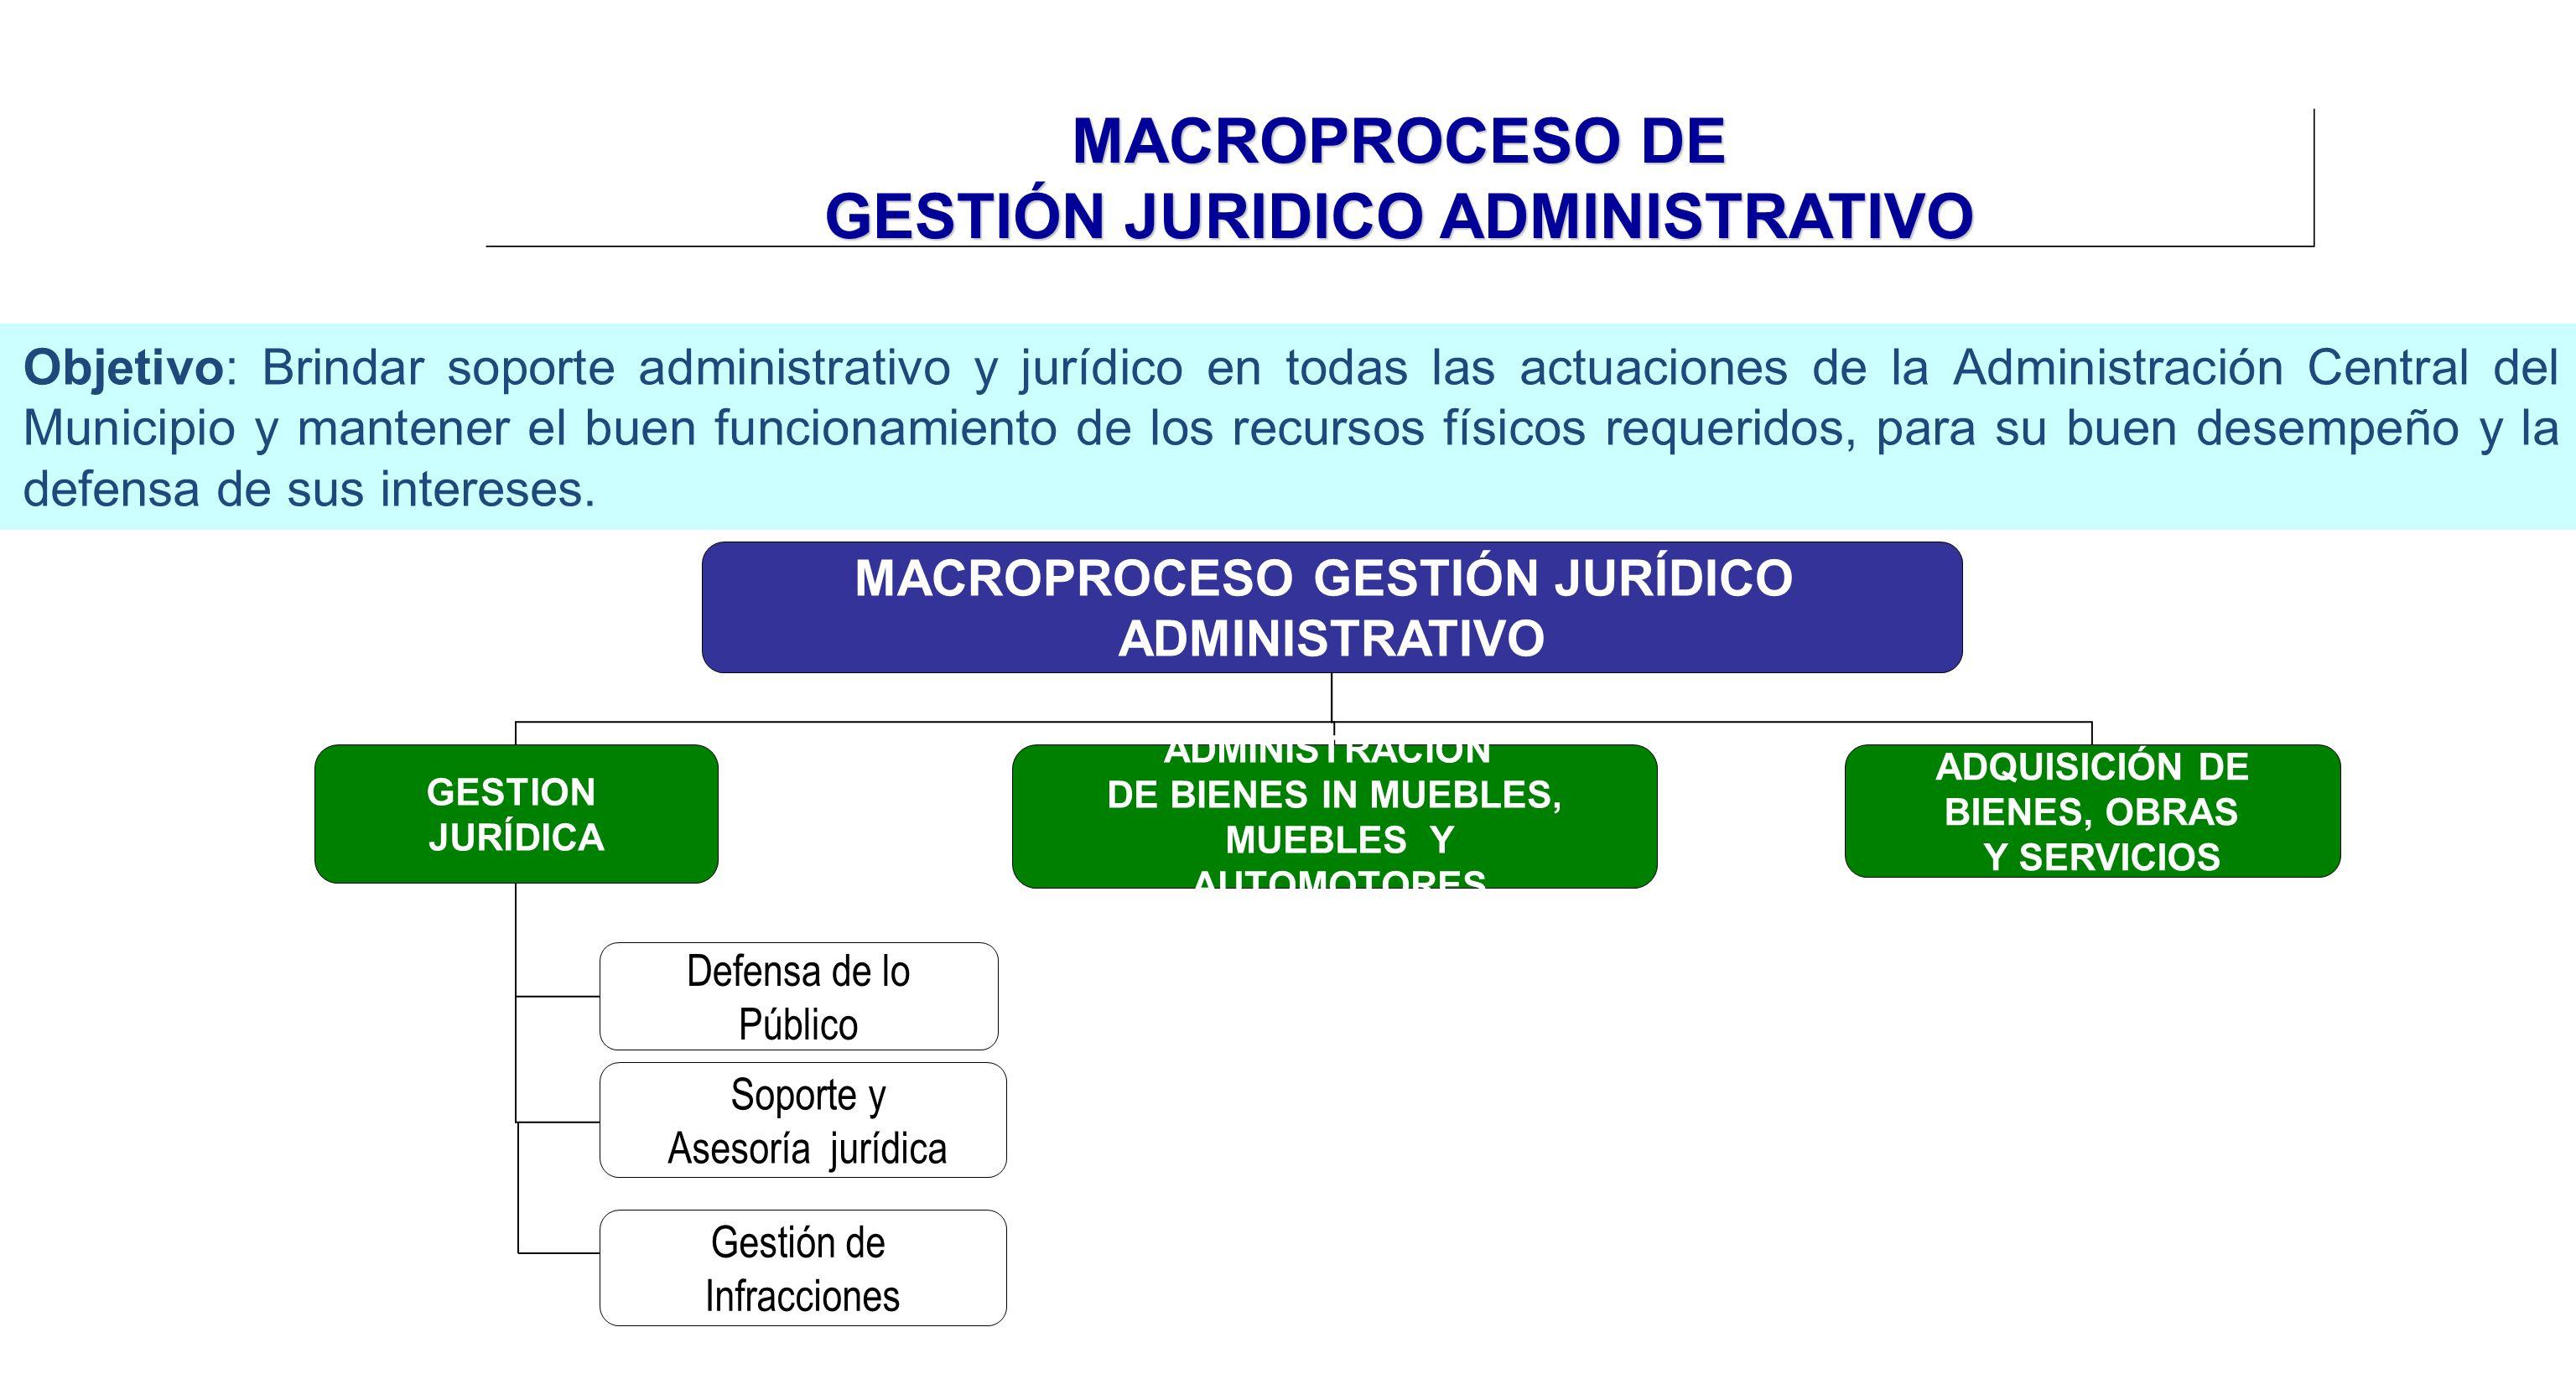 MACROPROCESO GESTIÓN JURÍDICO ADMINISTRATIVO GESTION JURÍDICA ADQUISICIÓN DE BIENES, OBRAS Y SERVICIOS Defensa de lo Público Soporte y Asesoría jurídi